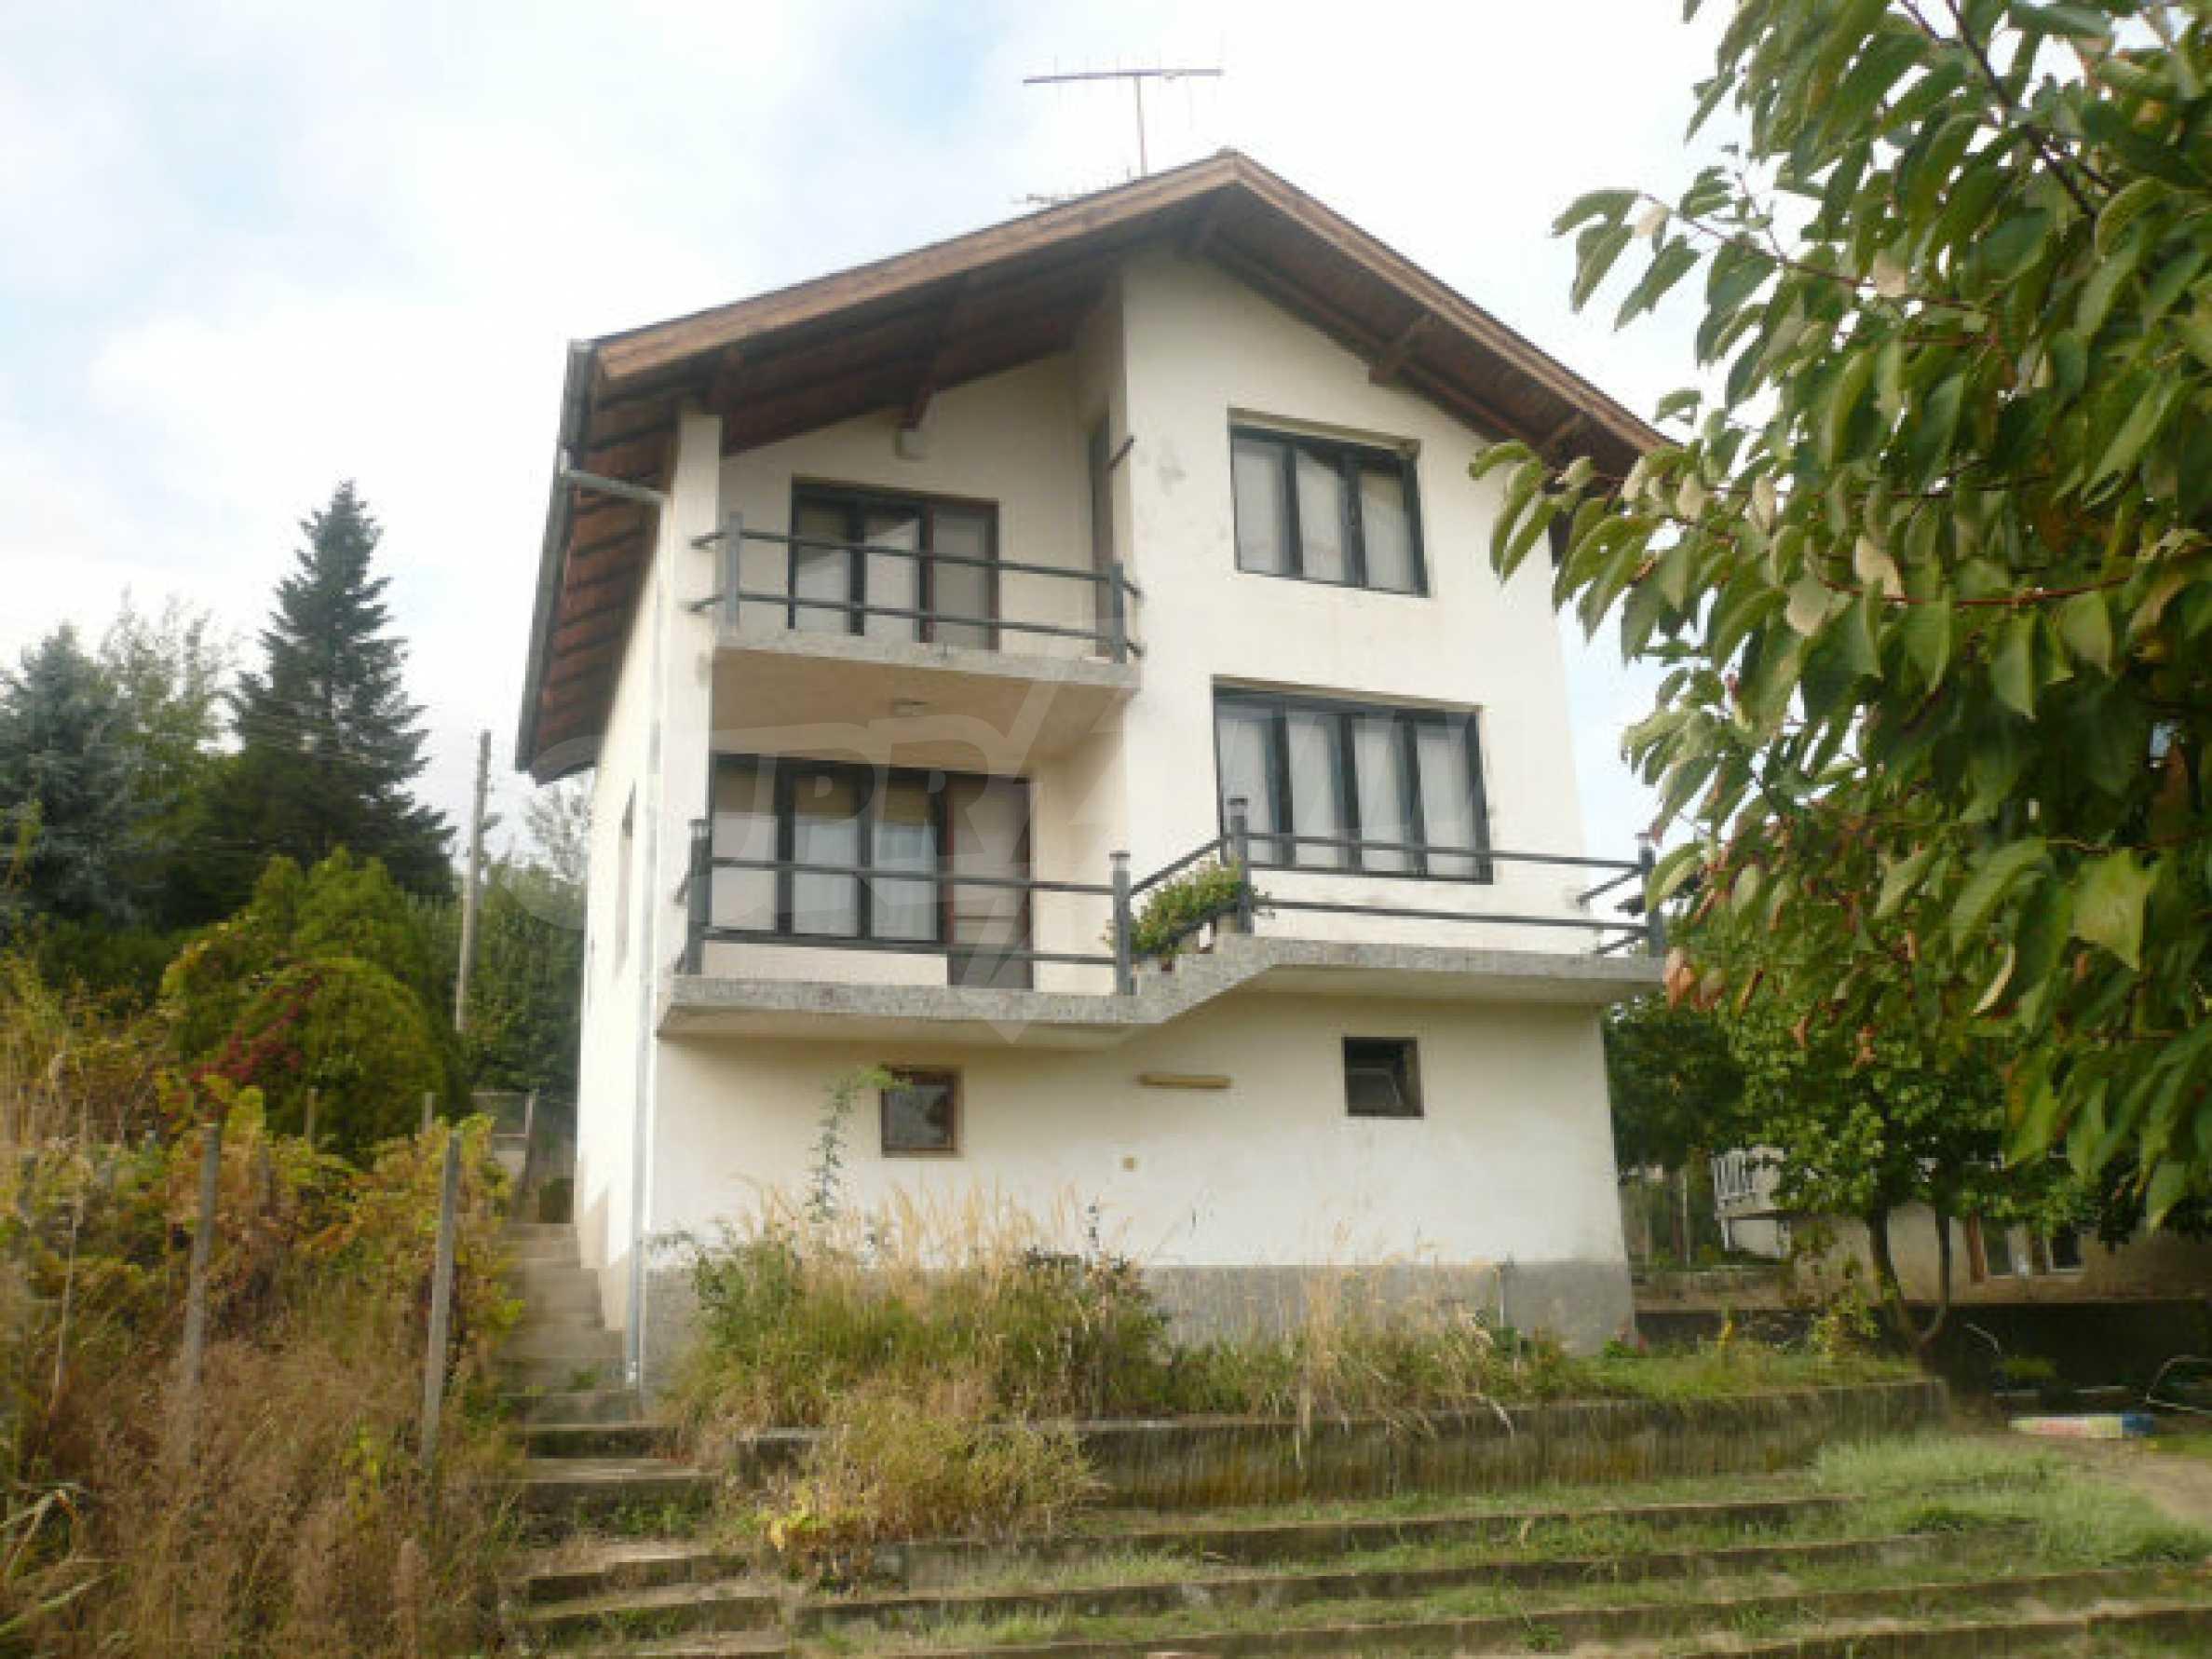 Трехэтажная дача на берегу Дуная